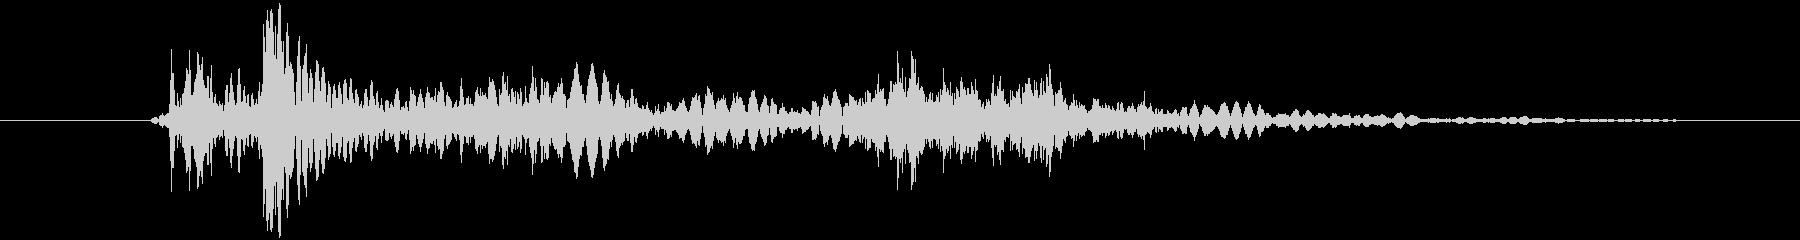 229_池ぽちゃ音2の未再生の波形